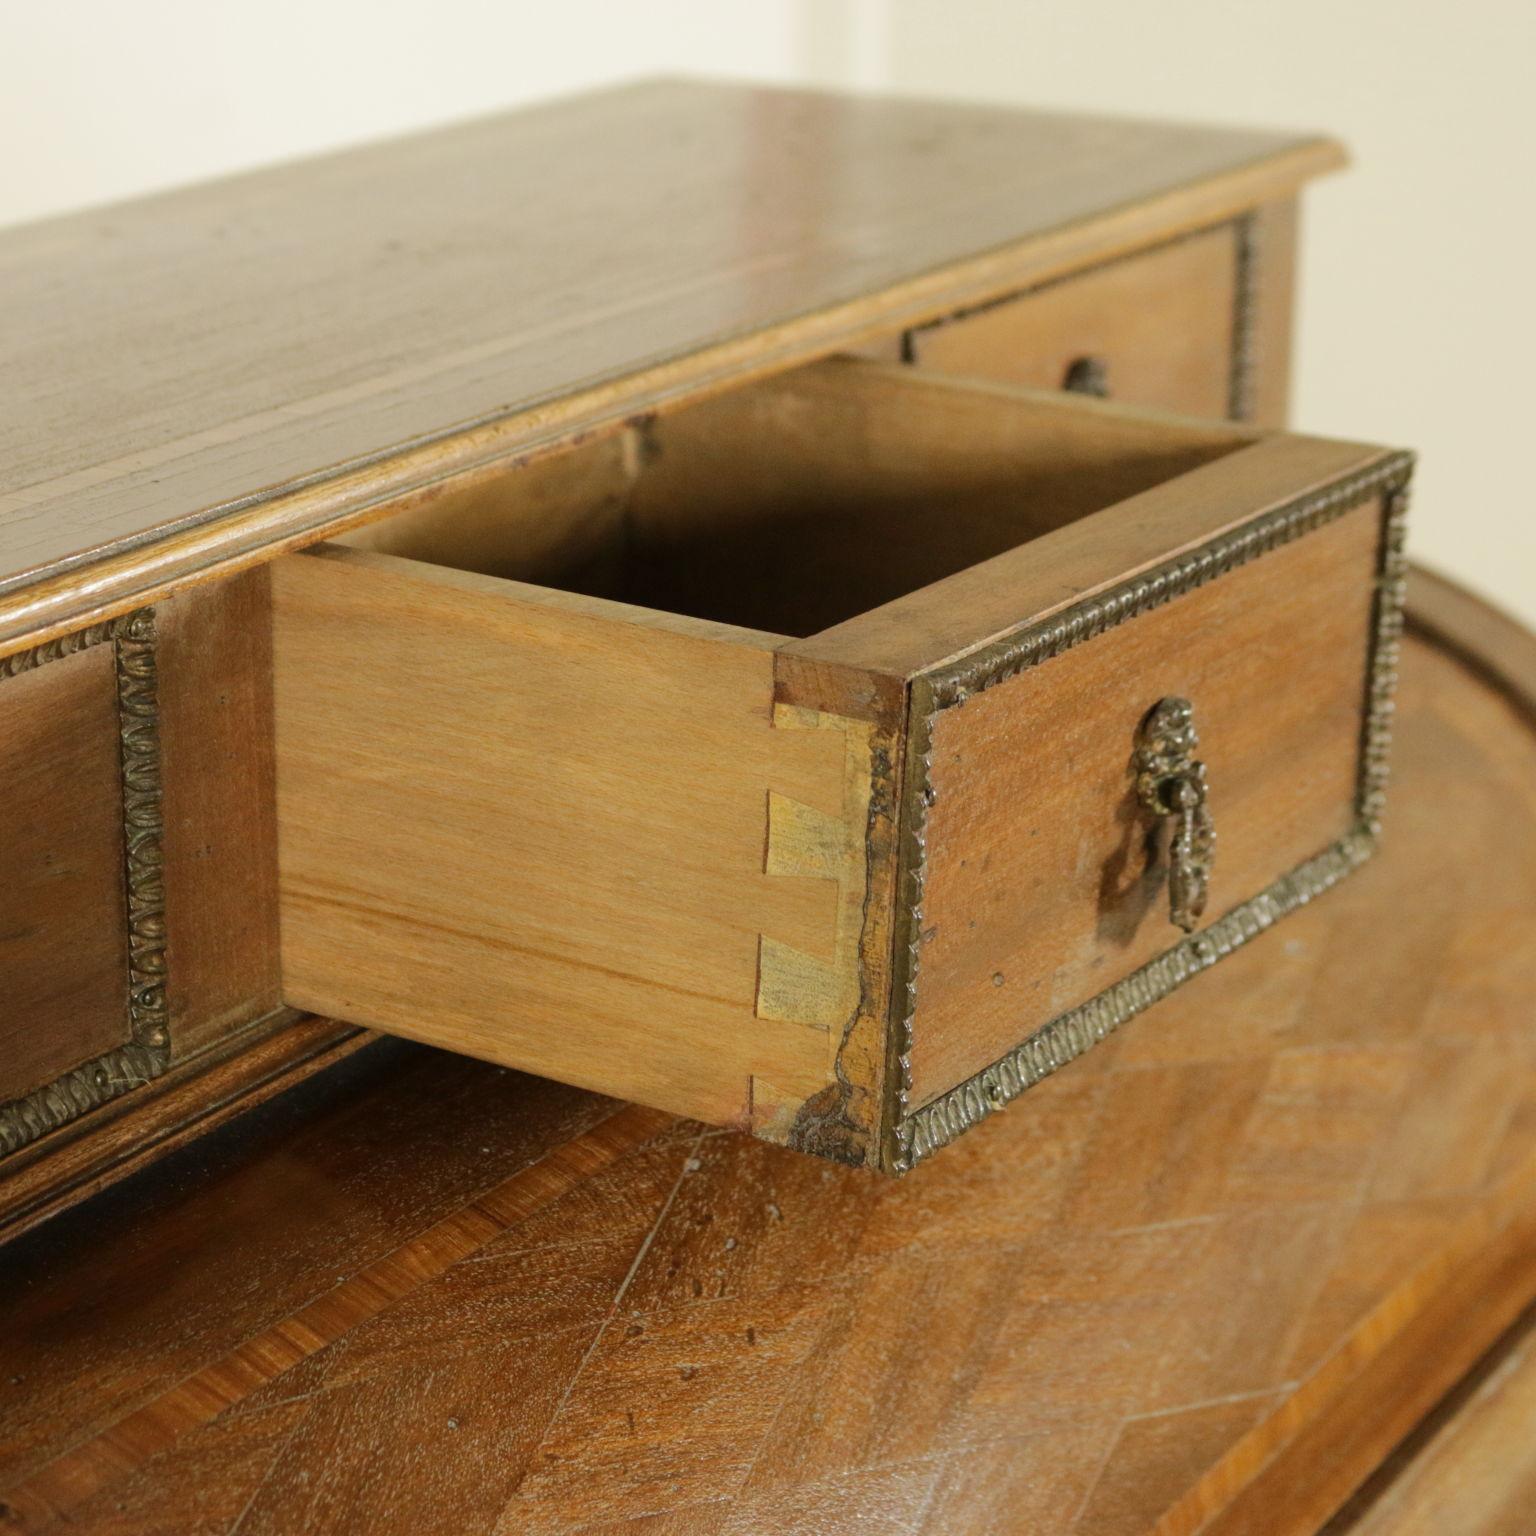 schreibtisch klapptisch mit einem hub taverna bottega del 900. Black Bedroom Furniture Sets. Home Design Ideas